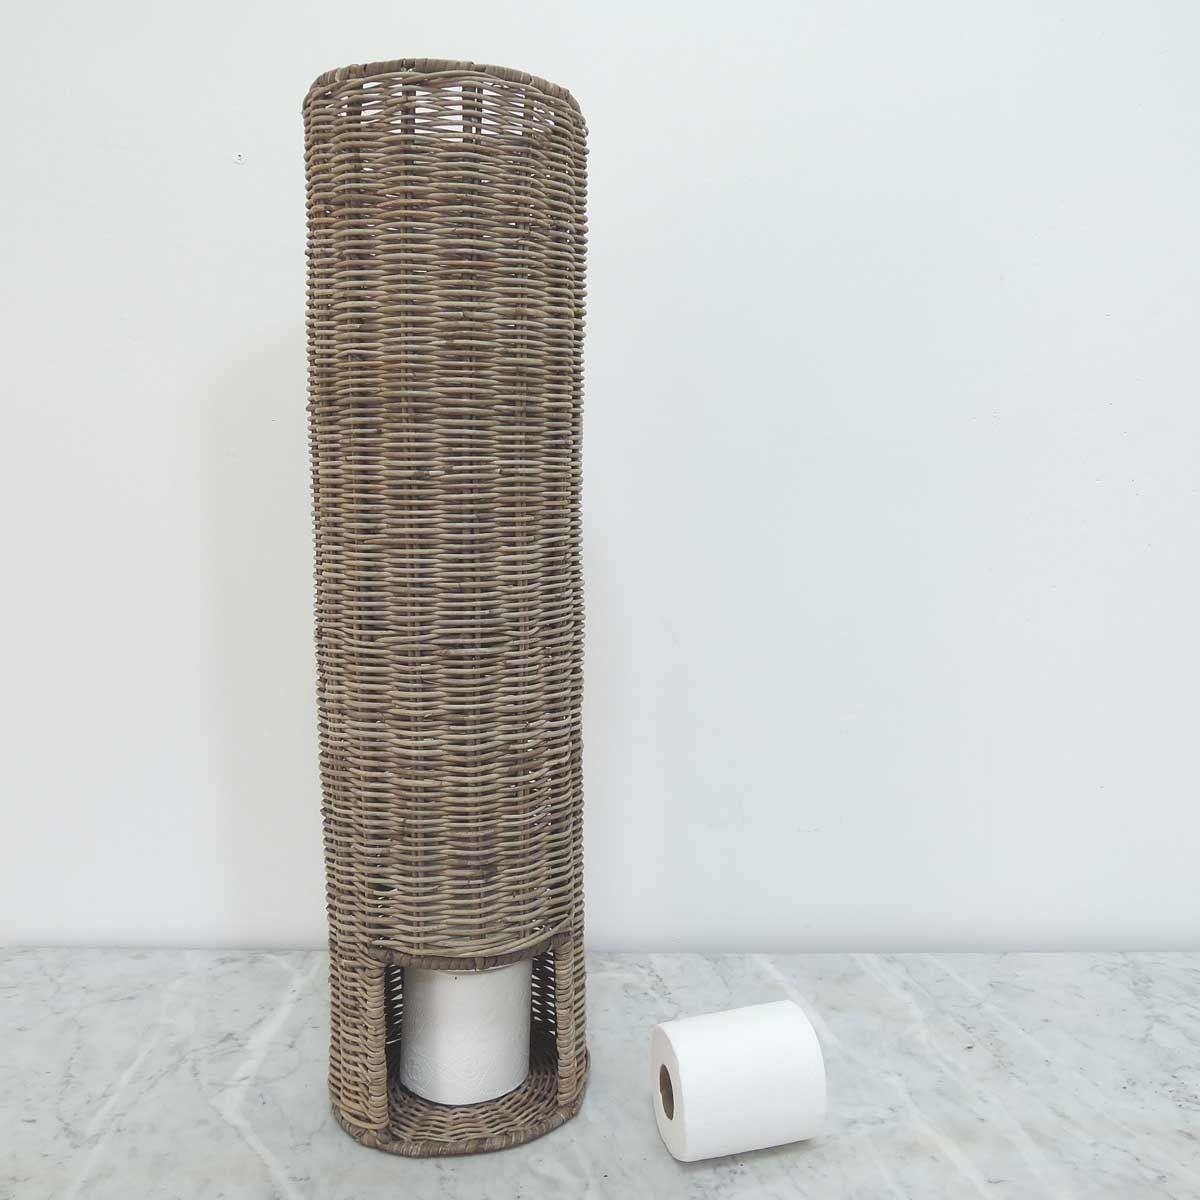 Porte Papier Toilette En Rotin Naturel Tressé Country avec Porte Papier Toilette Original